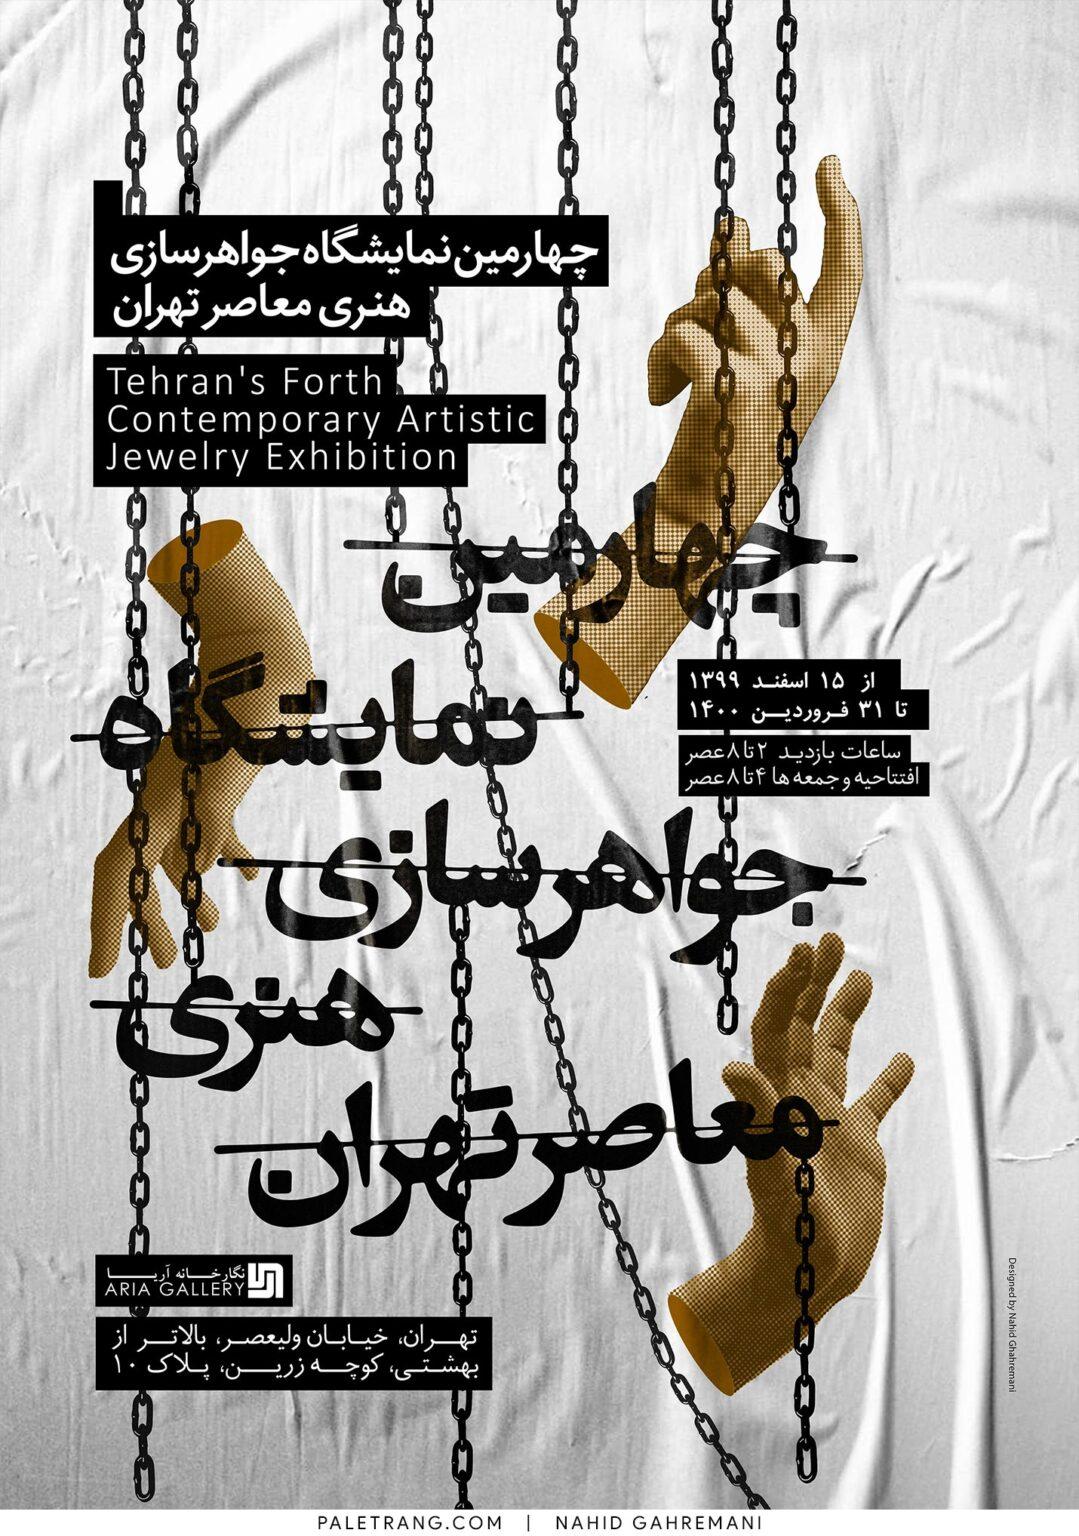 پوستر چهارمین نمایشگاه جواهرسازی هنری معاصر تهران اثر ناهید قهرمانی